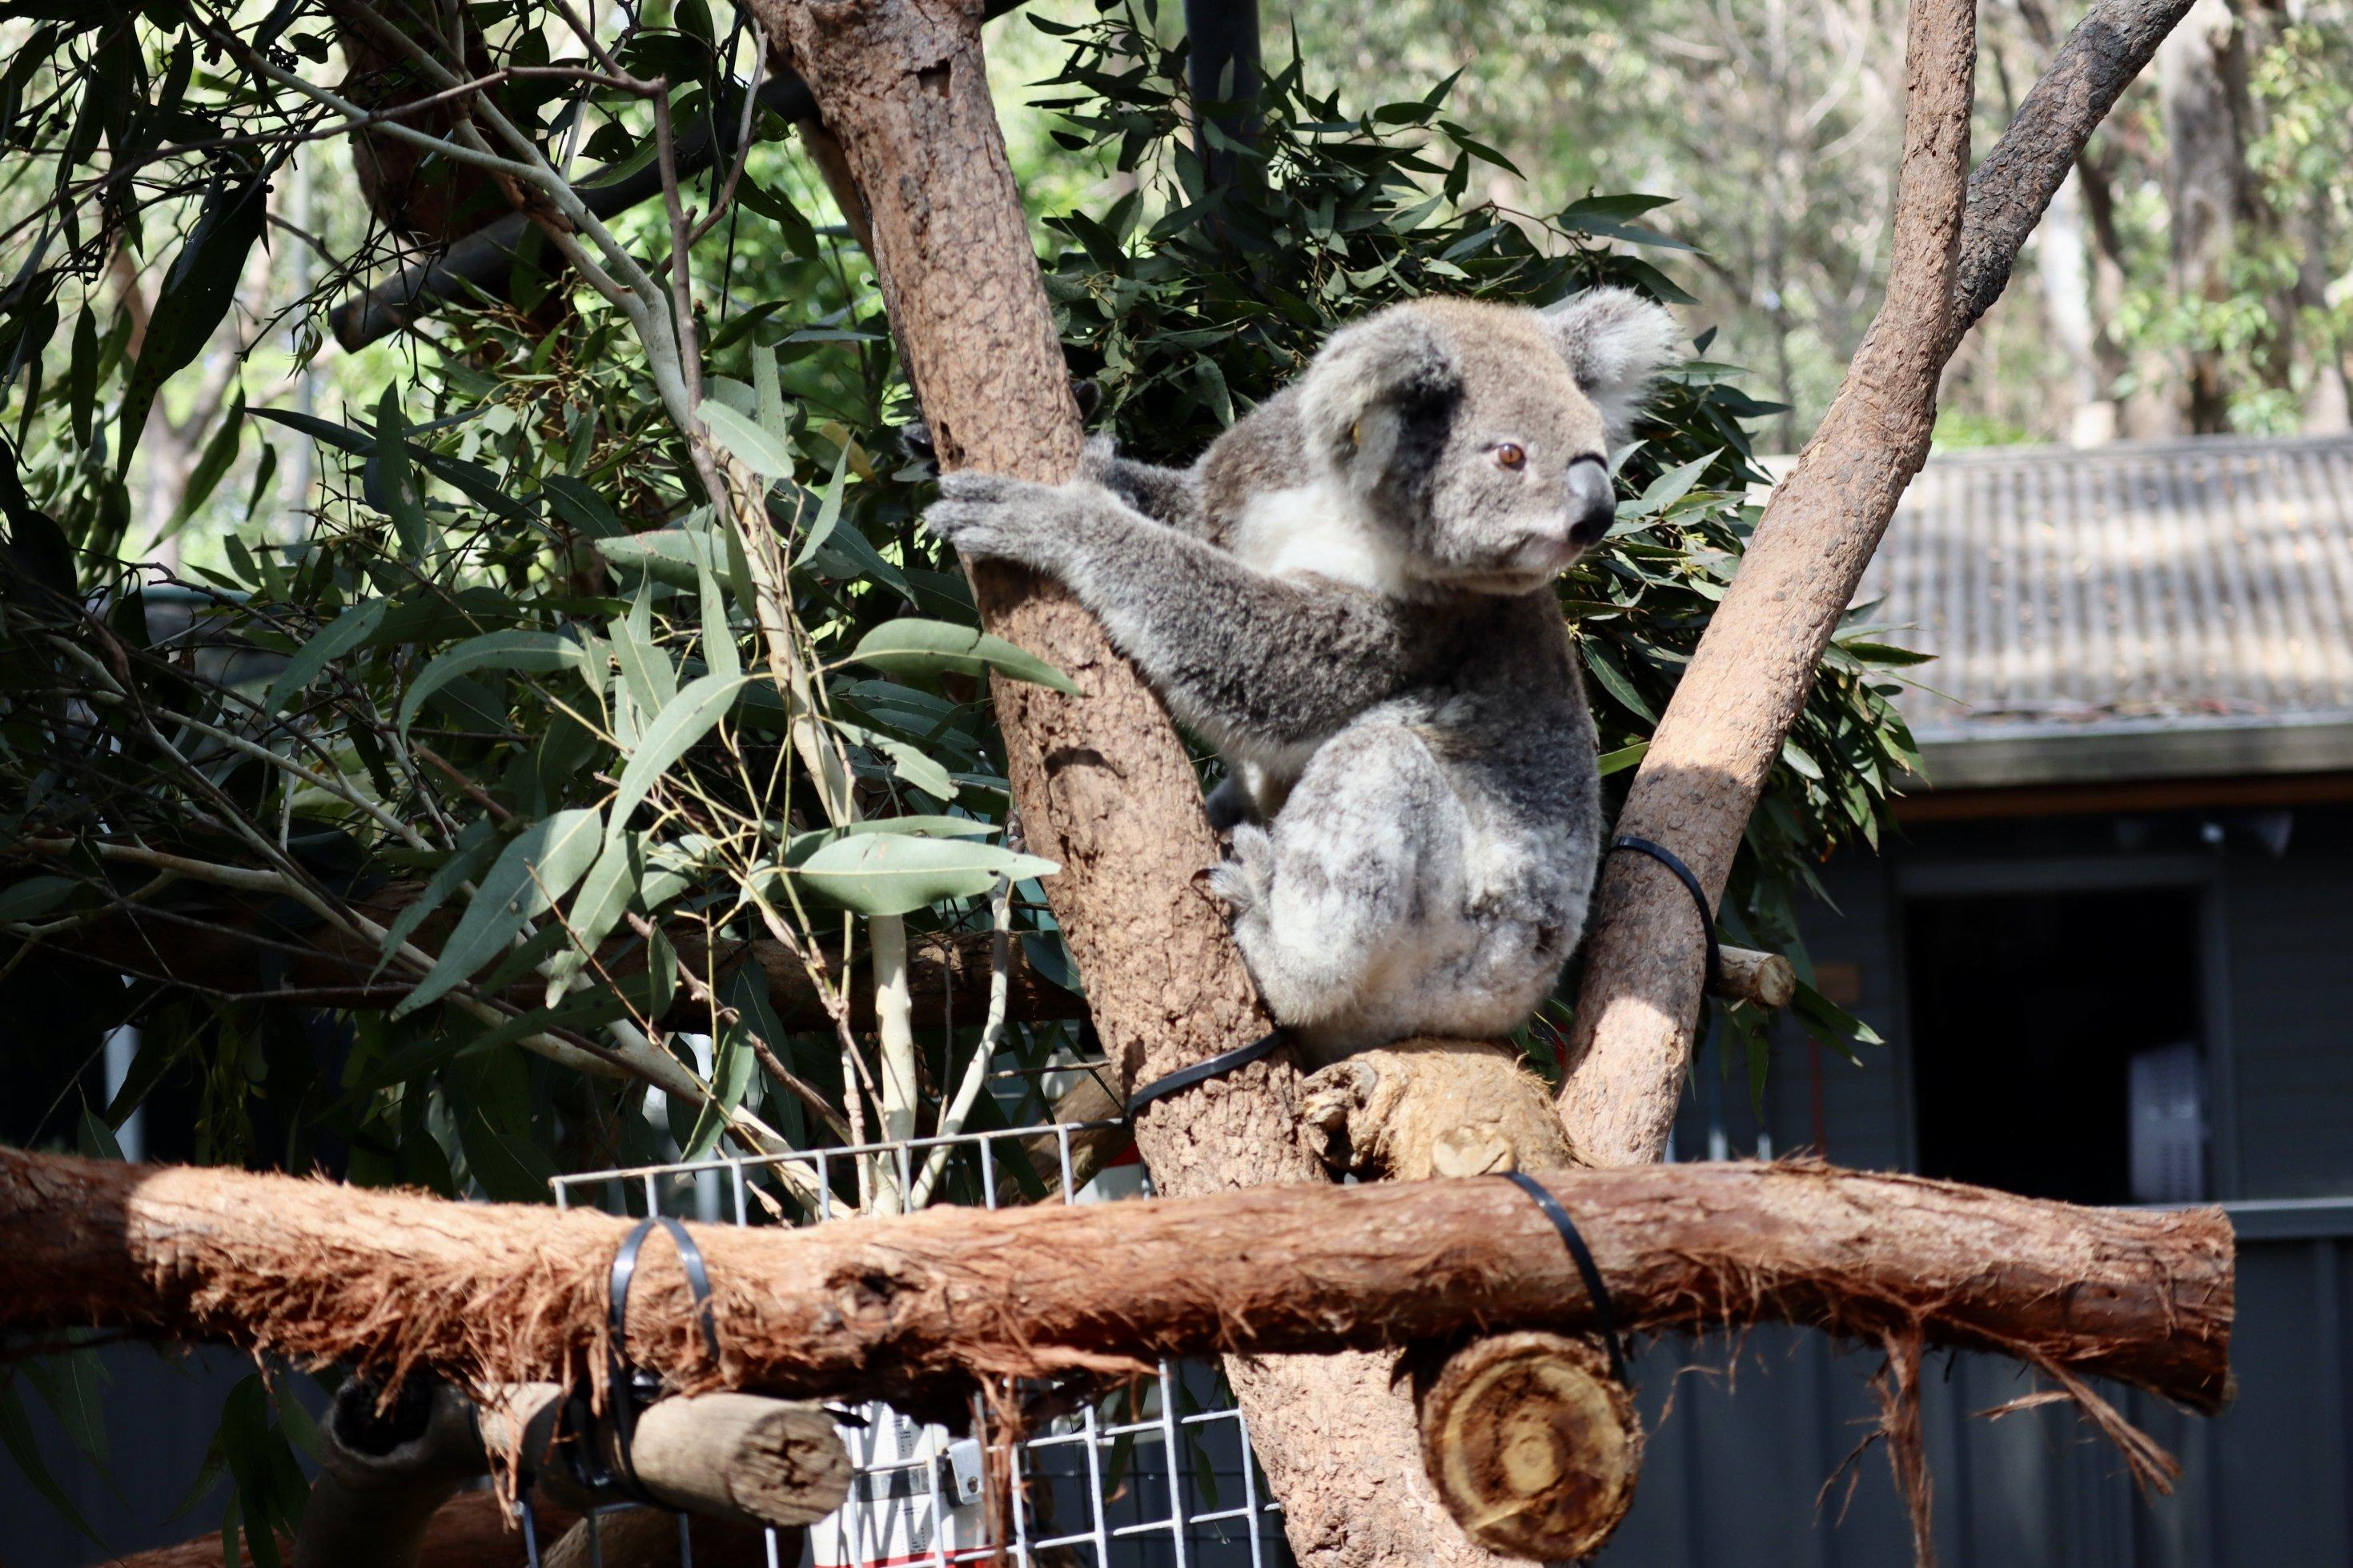 Im offenen Gehege des Koala Hospitals sitzt das Koalaweibchen auf einem Astgerüst. Emerald Downs Mary, so der Name des Tiers nach seinem Fundort, ist dauerhaft in Port Macquarie in Pflege, da es blind ist und in freier Wildbahn nicht überleben könnte.